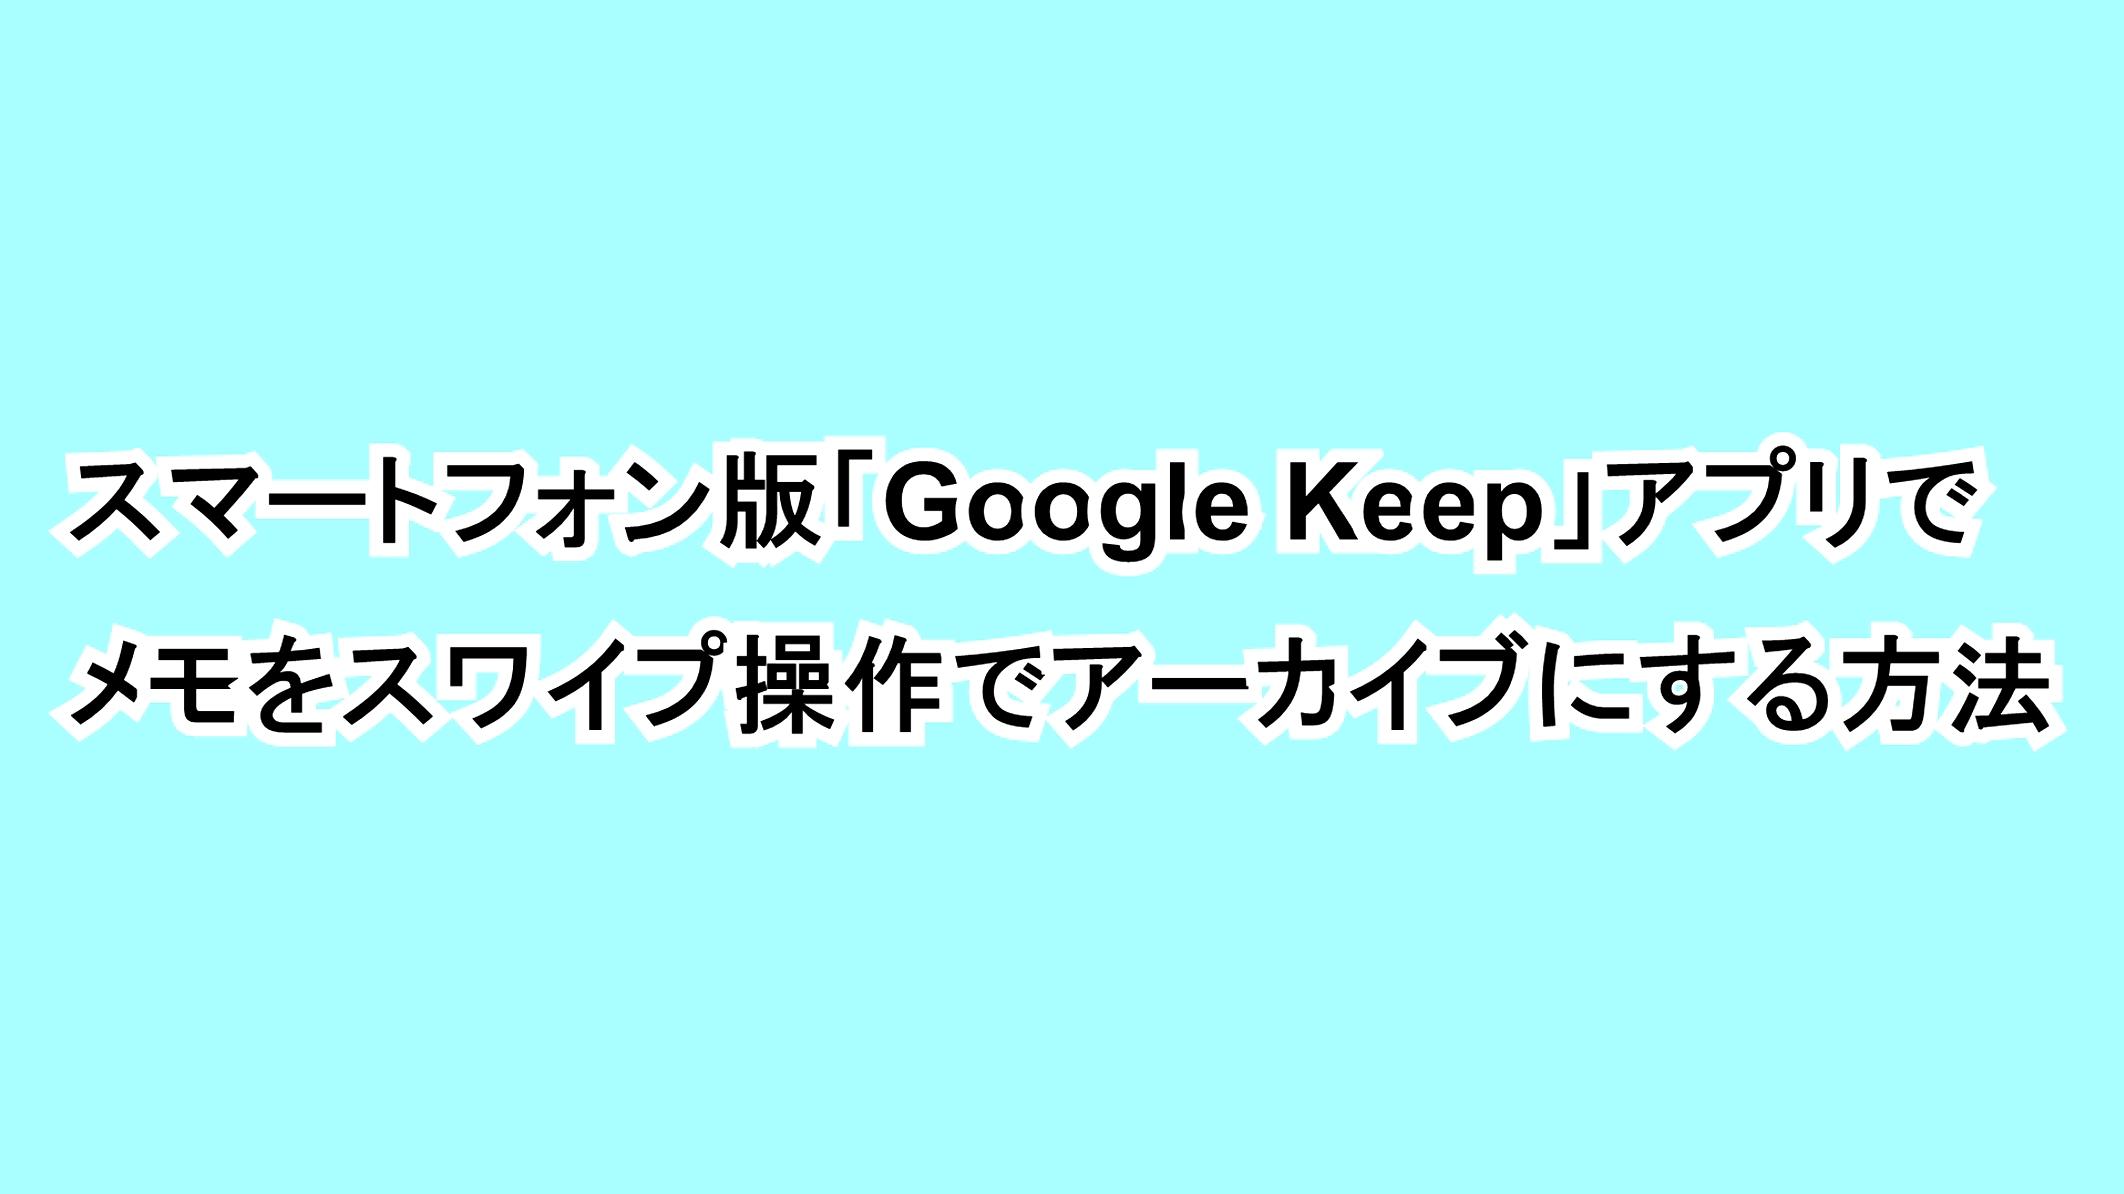 スマートフォン版「Google Keep」アプリでメモをスワイプ操作でアーカイブにする方法